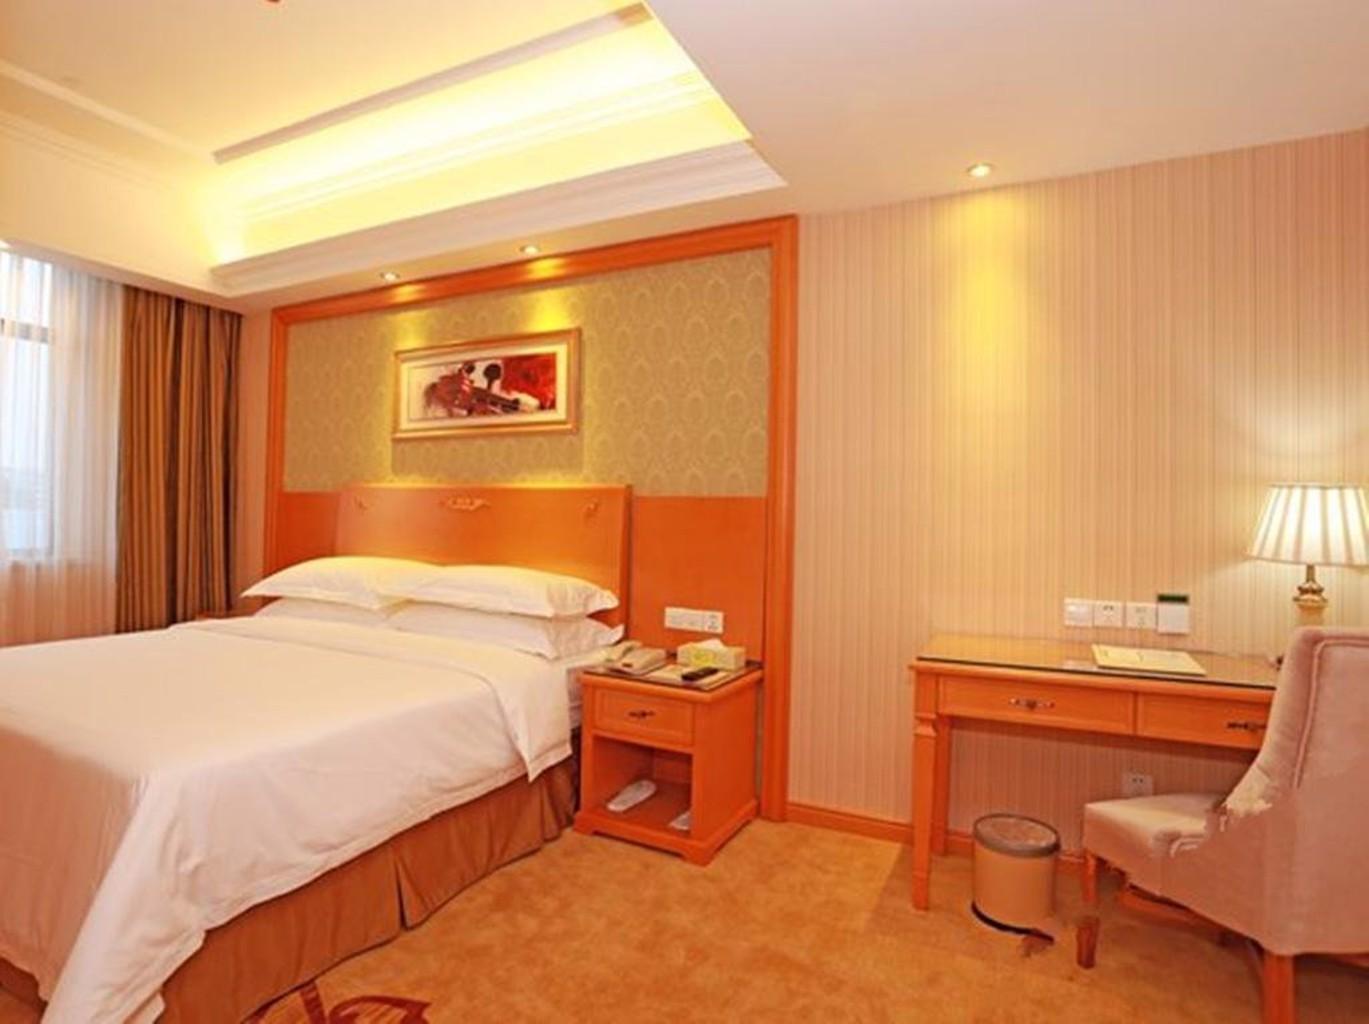 Vienna Hotel Tianjin Huanghe Road